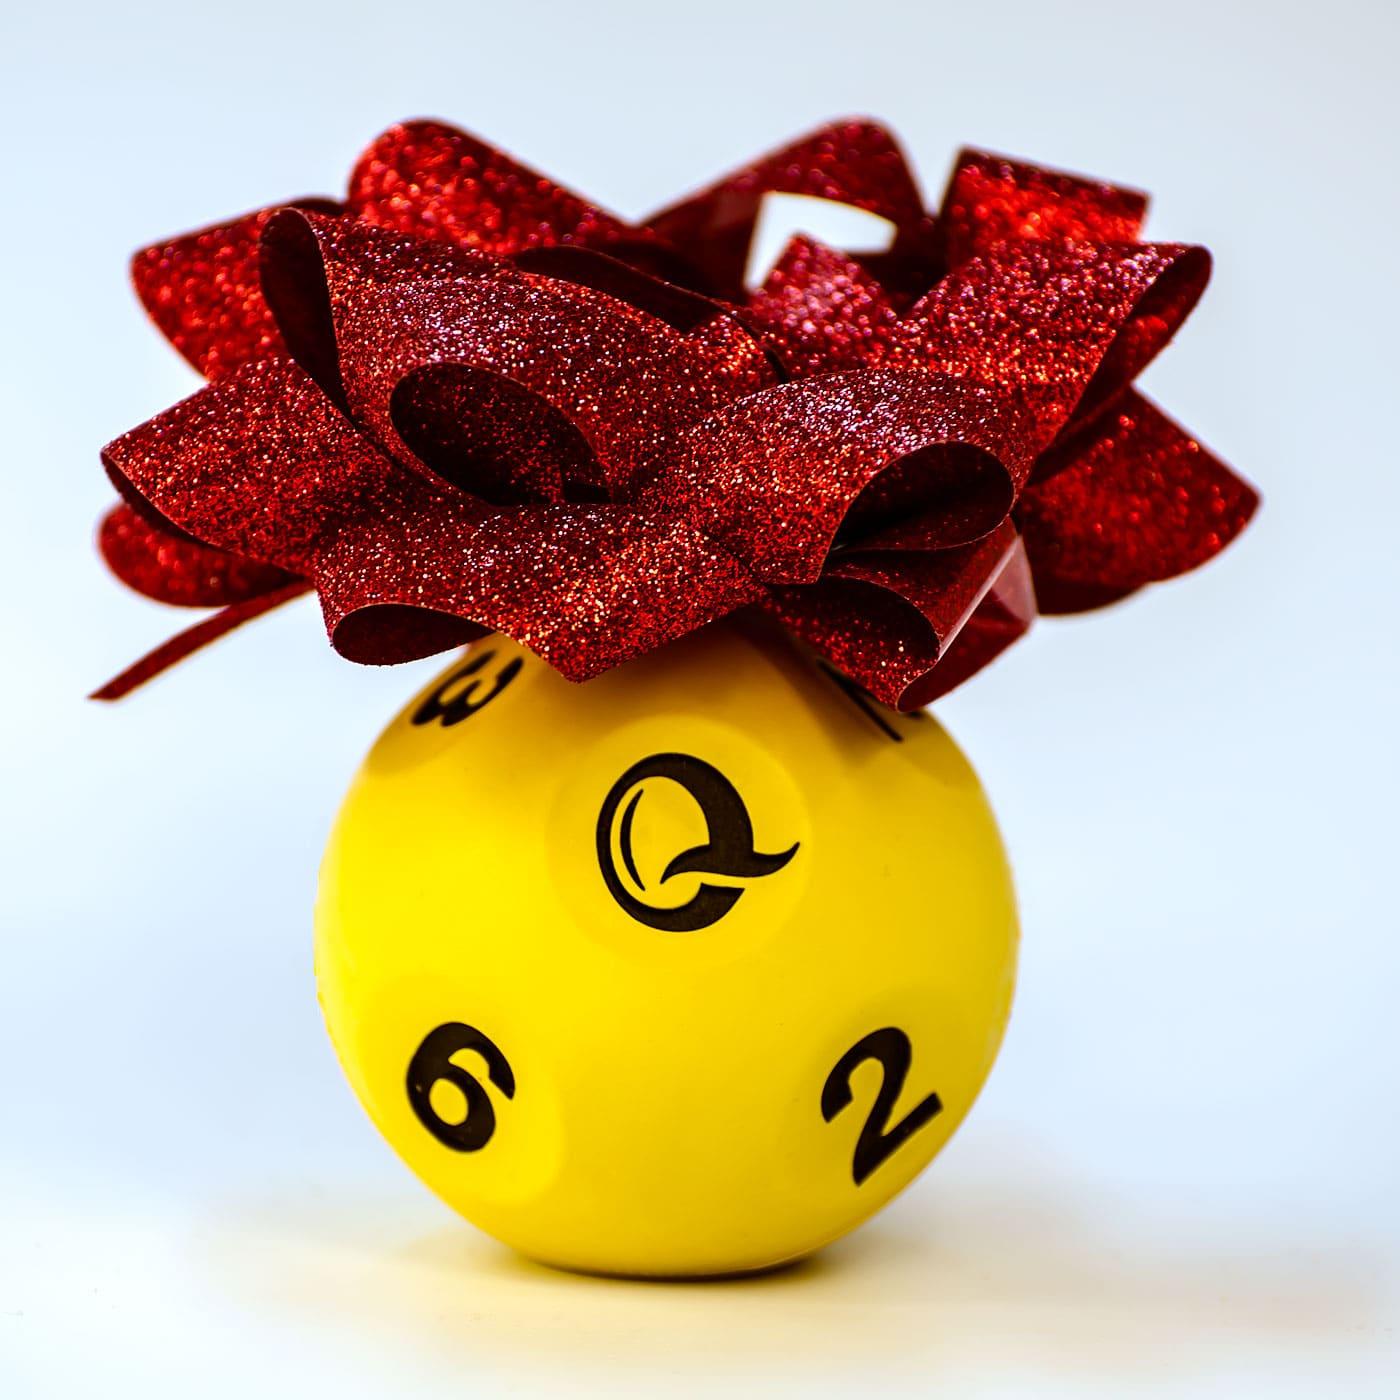 Qball Christmas Gift